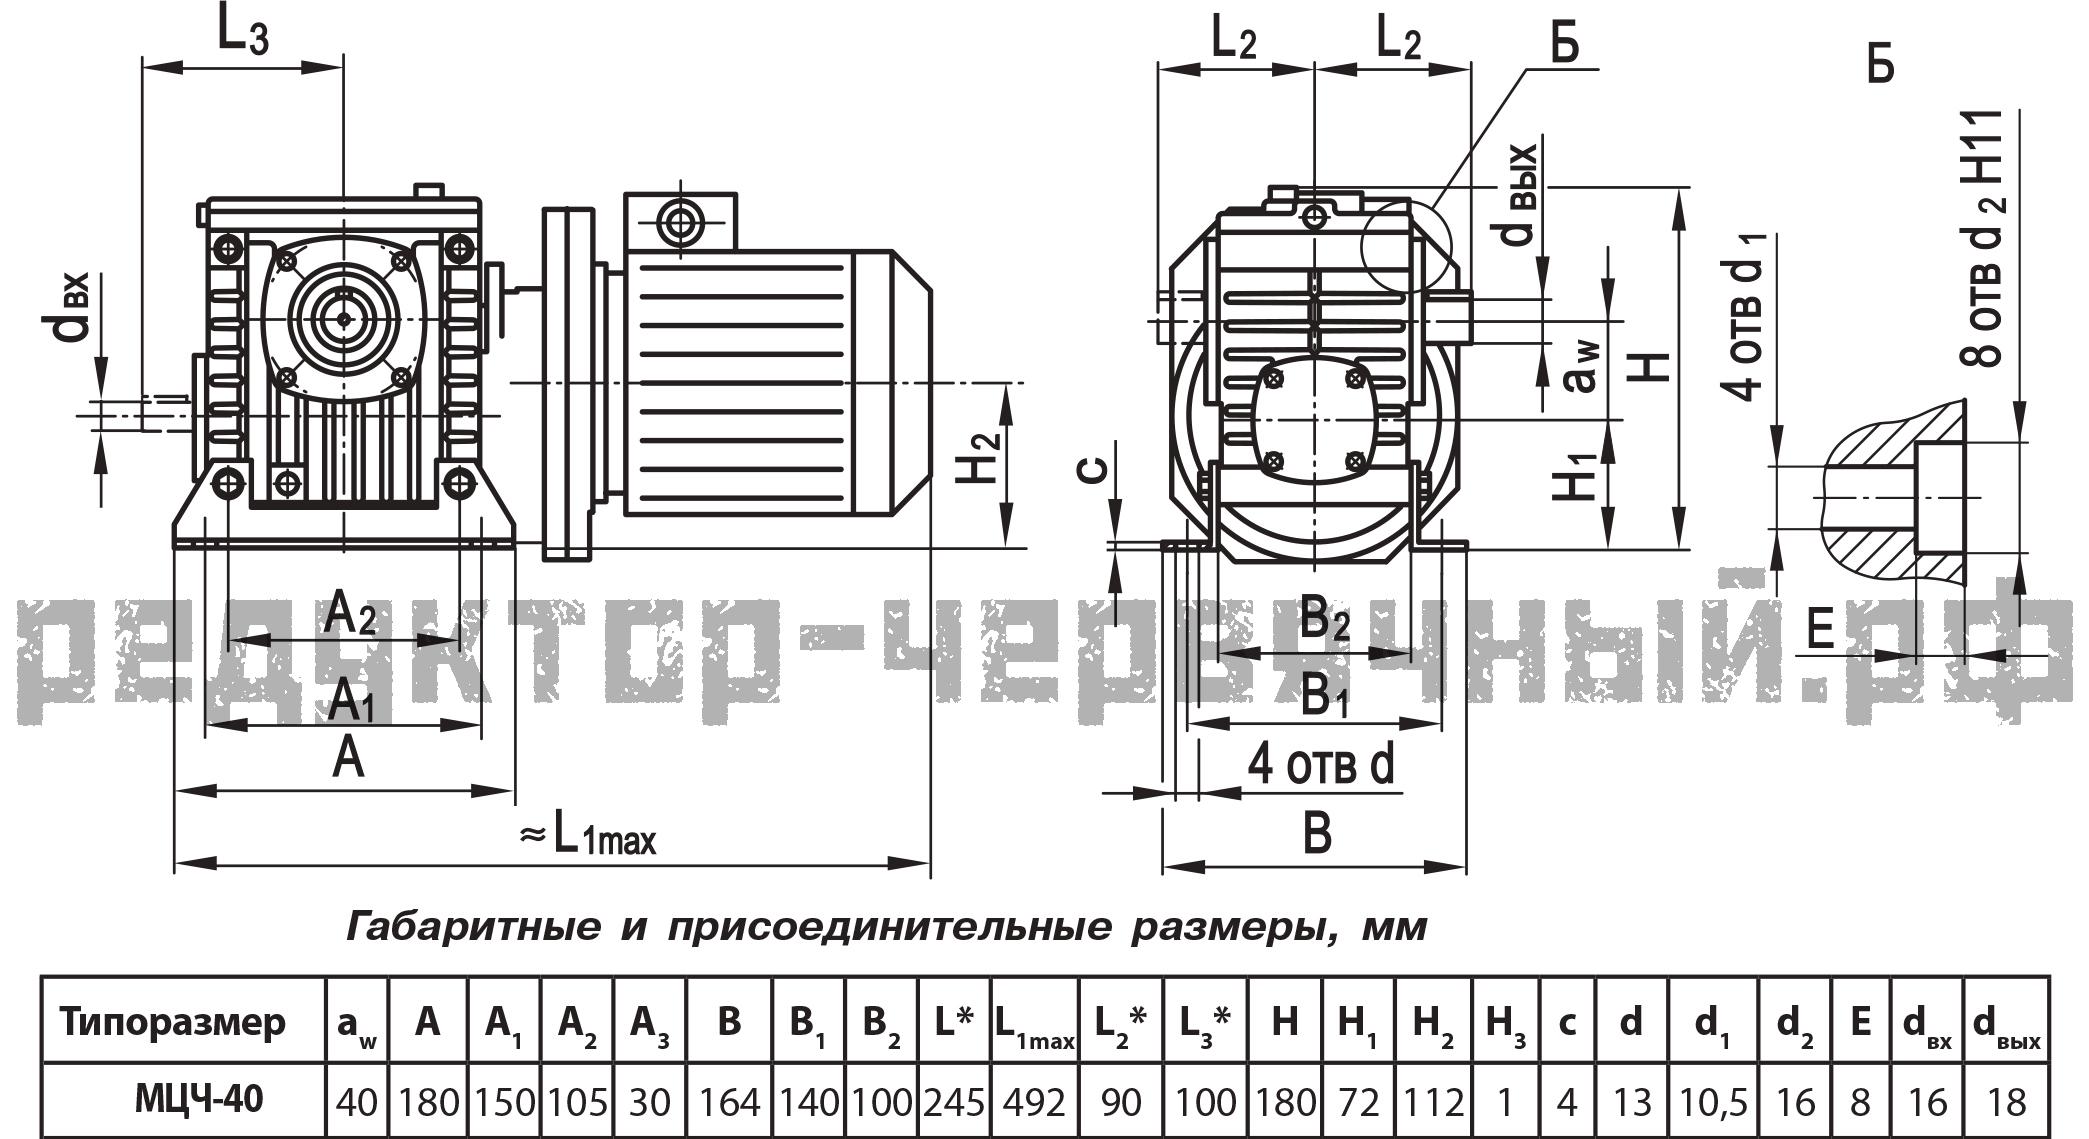 Чертеж мотор-редуктора МЦЧ-40